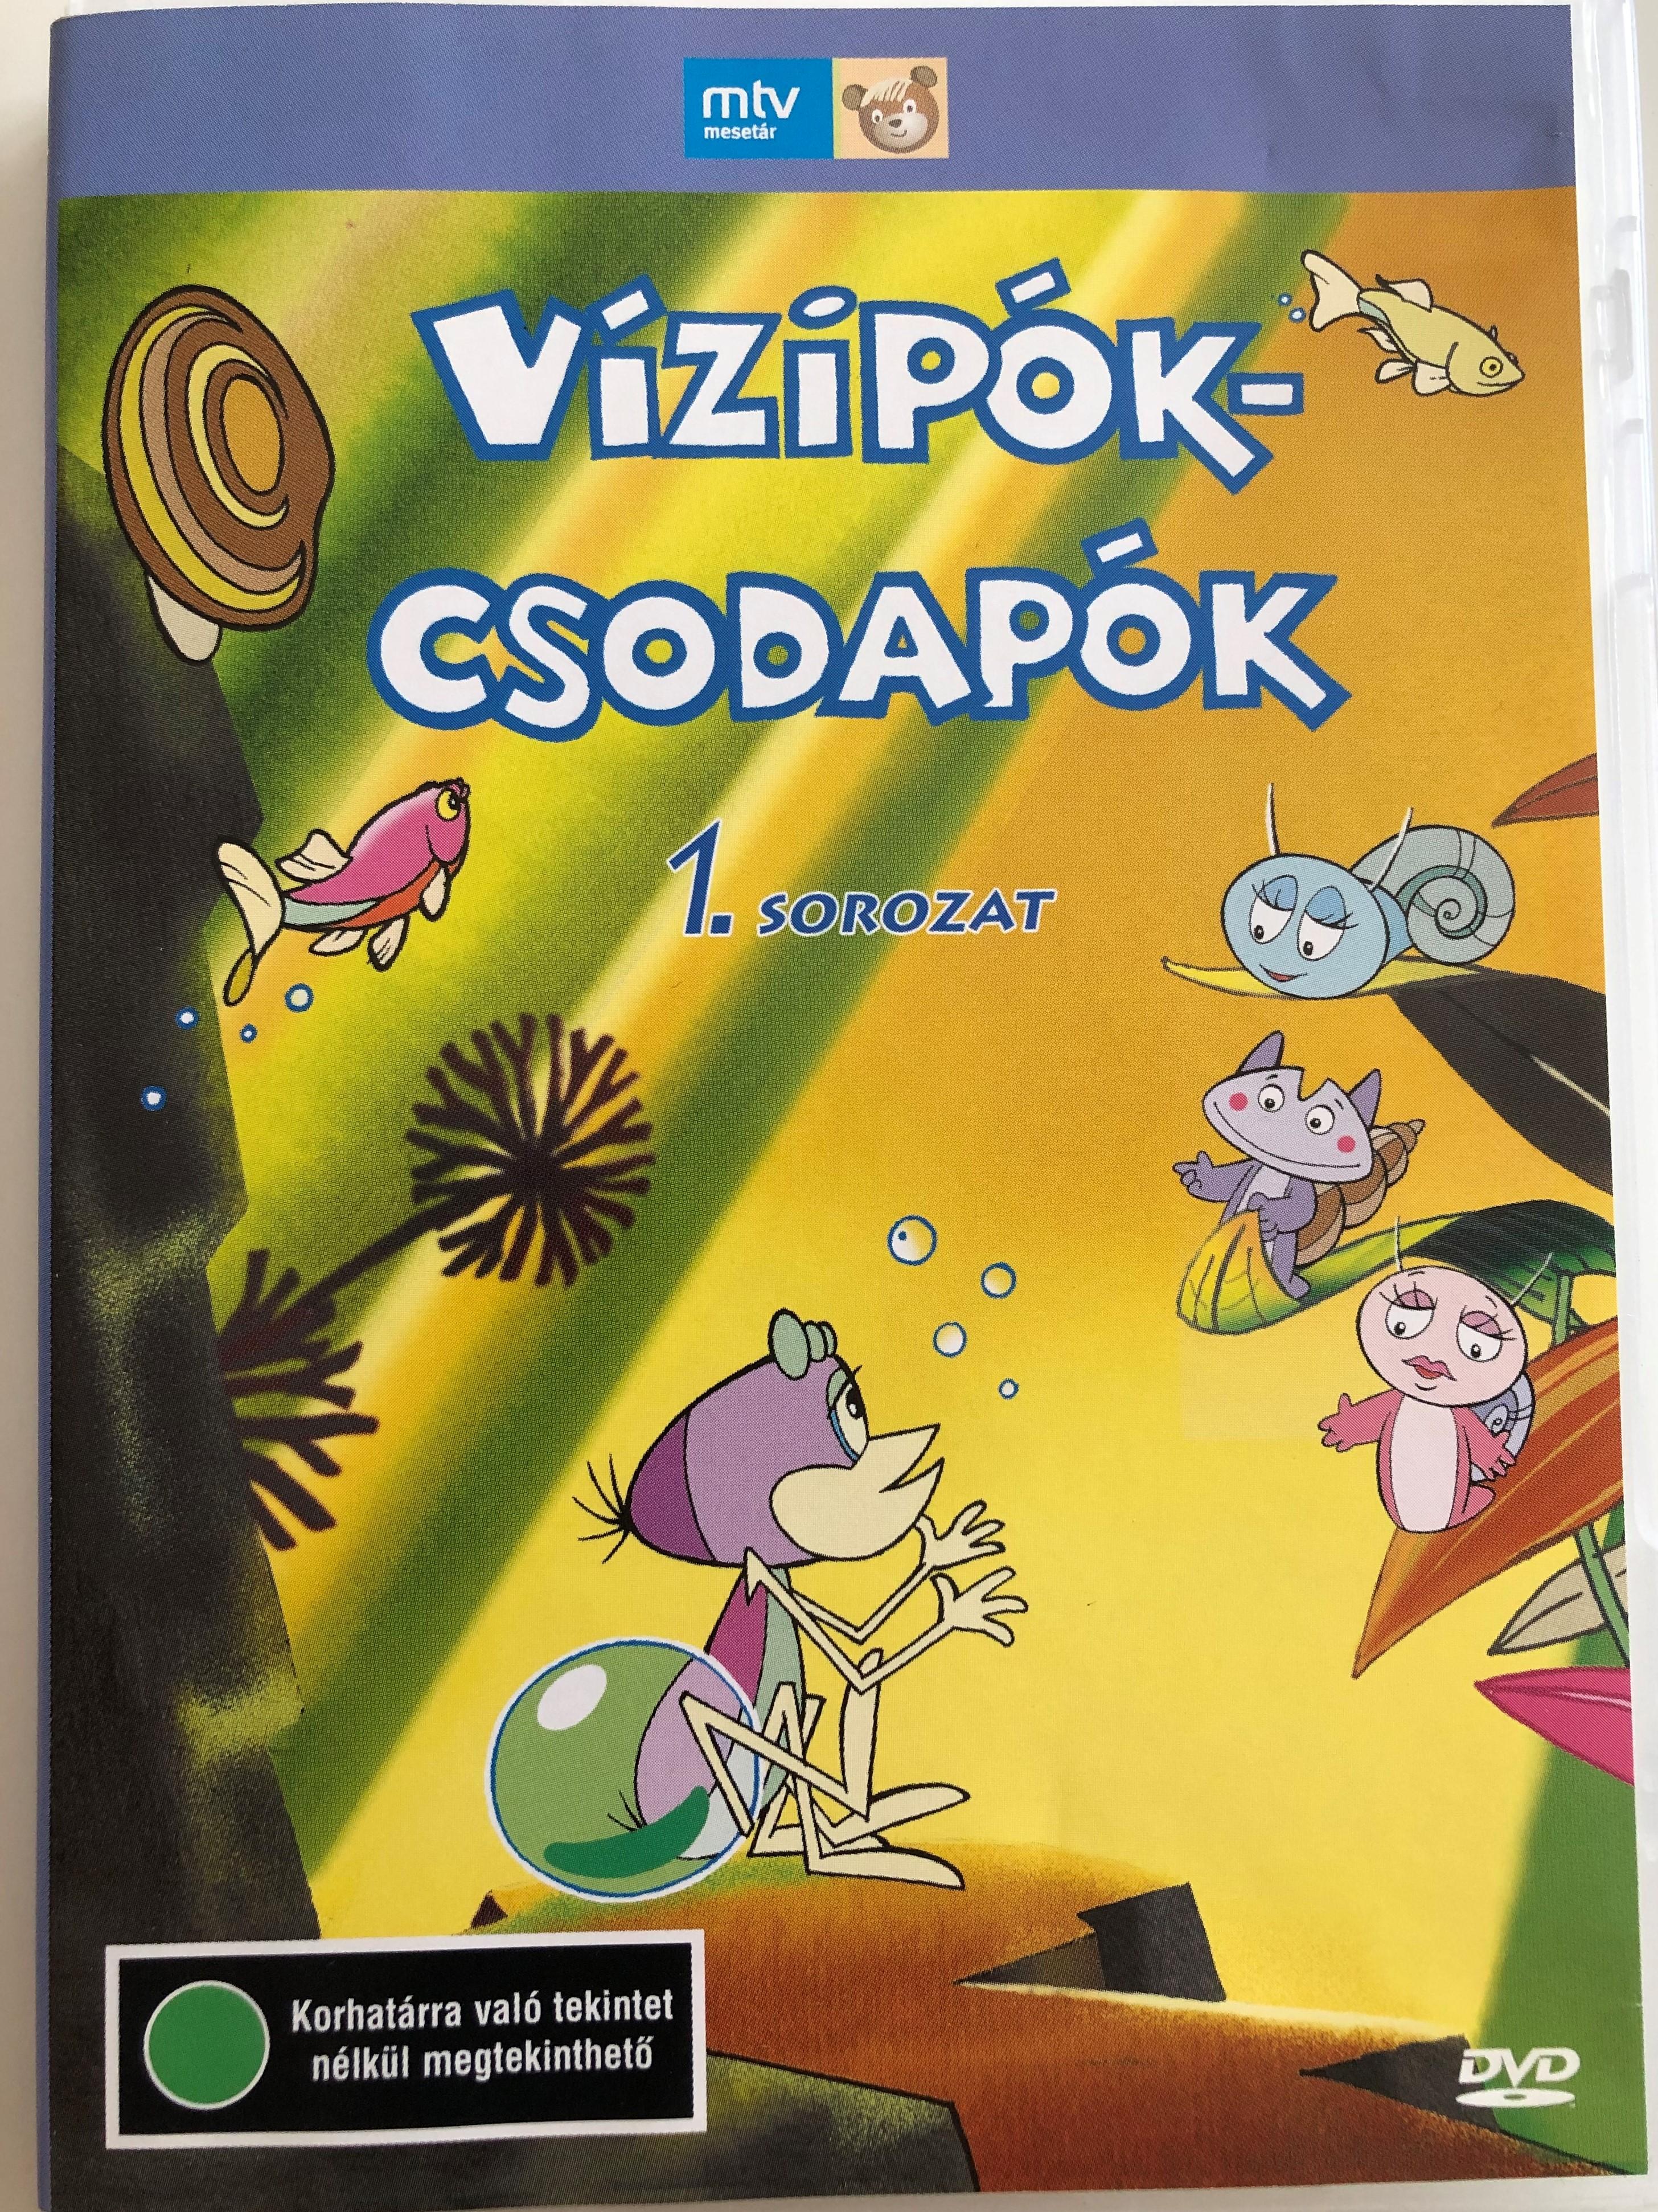 v-zip-k-csodap-k-1.-sorozat-dvd-1980-directed-by-szab-szabolcs-haui-j-zsef-written-by-kert-sz-gy-rgy-hungarian-classic-cartoon-13-episodes-on-disc-1-.jpg